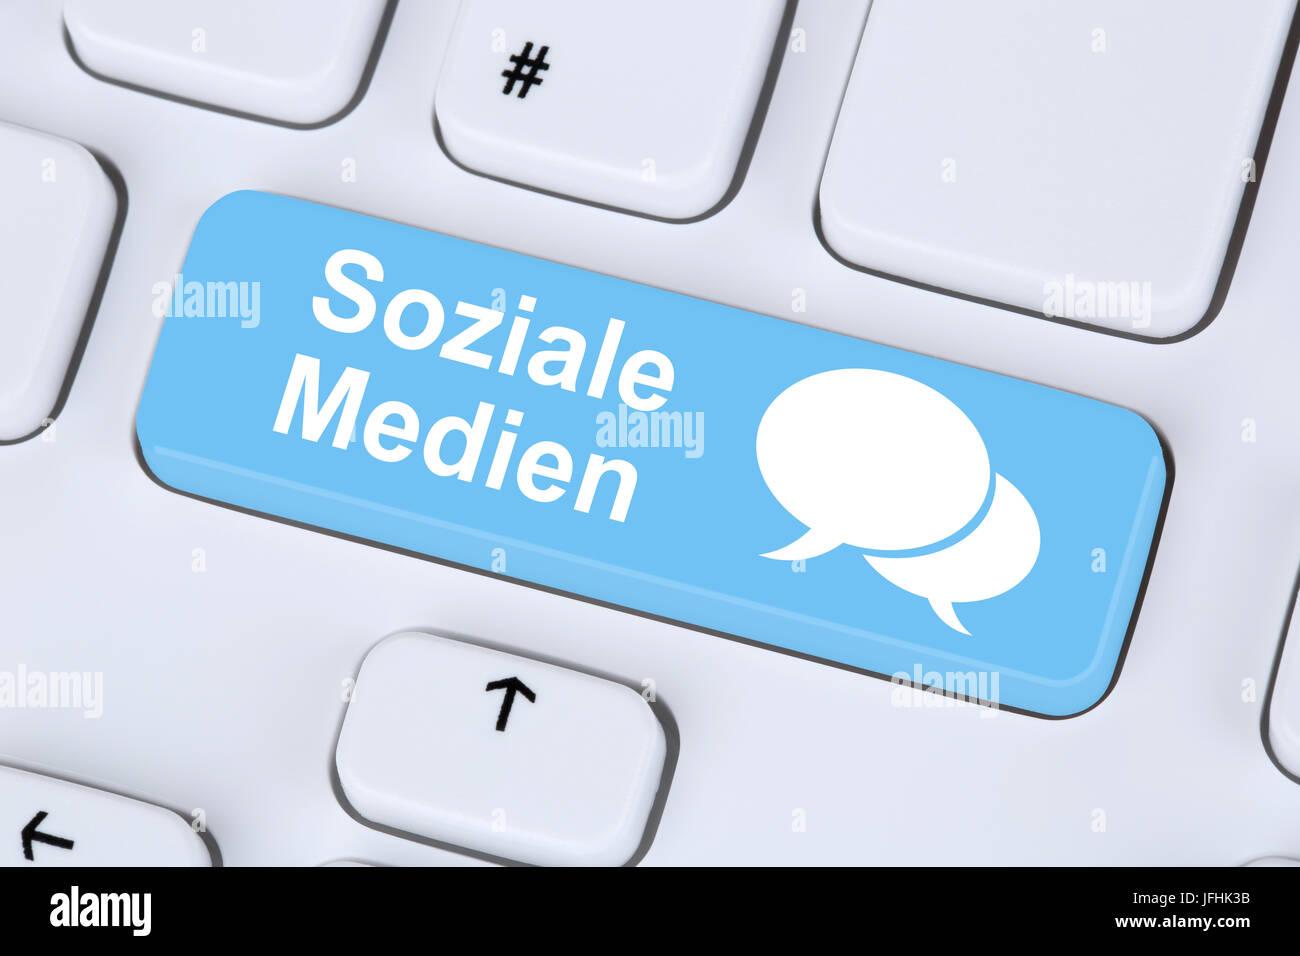 Soziale Medien und soziales Netzwerk Freundschaft Kontakte im Internet - Stock Image